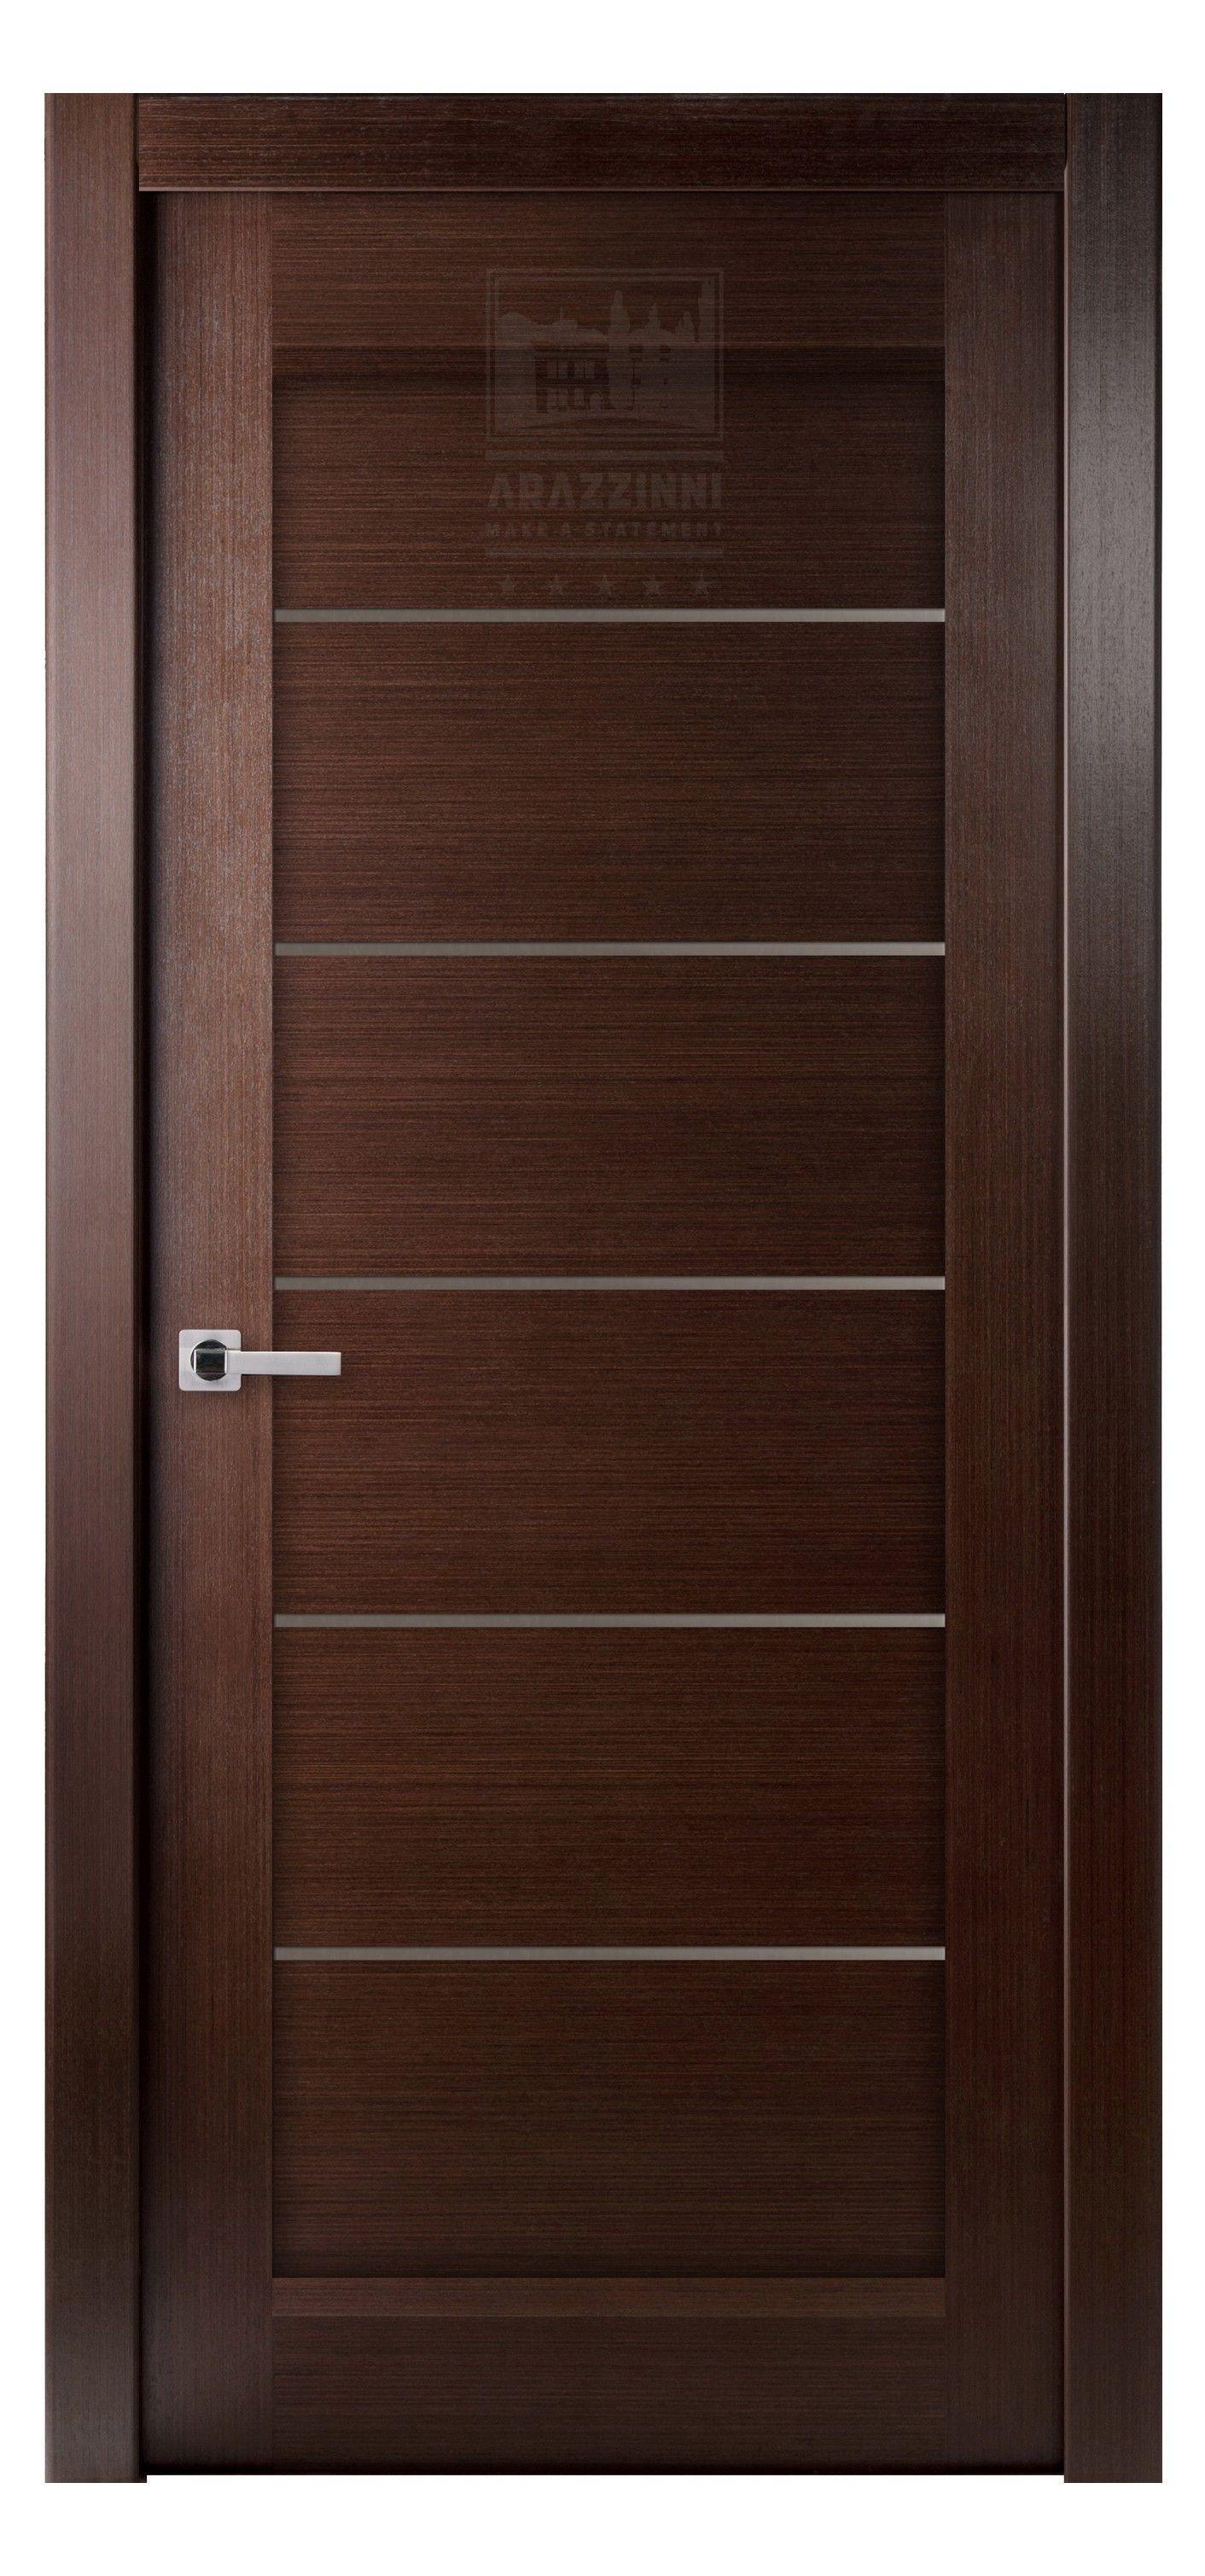 Mirella Interior Door Wenge Doors interior modern, Doors